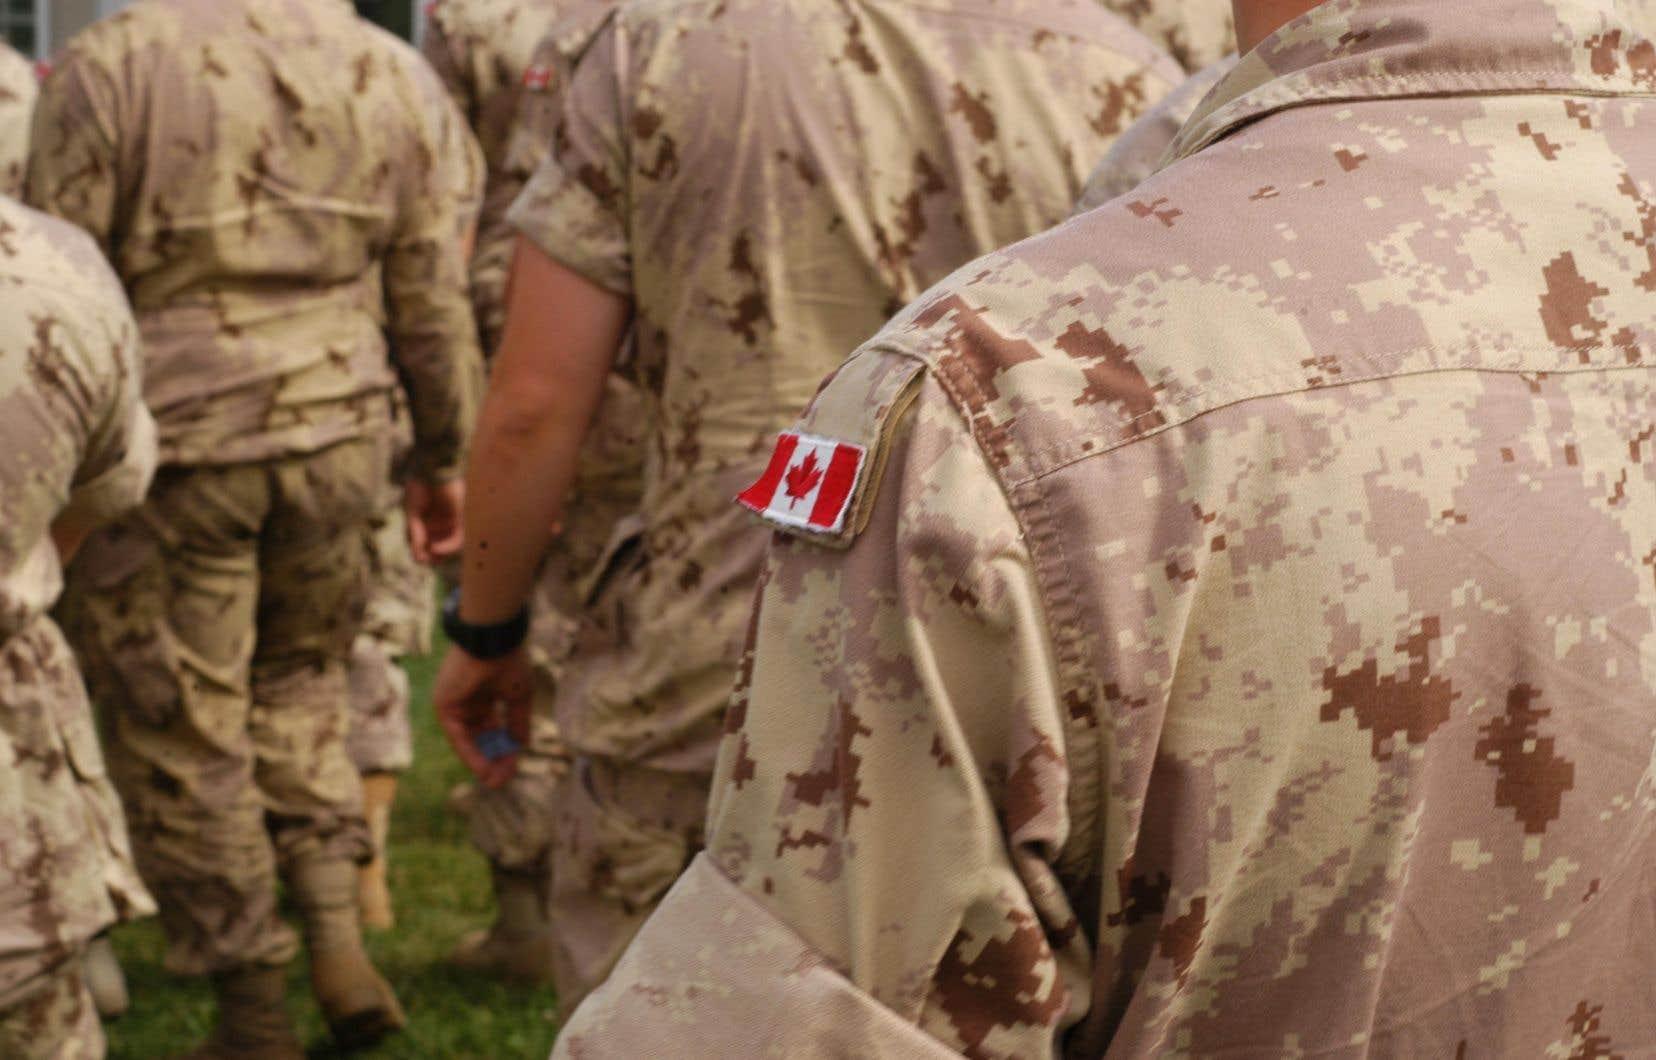 Trois anciens membres de l'armée ont déposé une requête pour intenter une action collective au nom des autres présumées victimes d'agressions sexuelles ou de harcèlement.